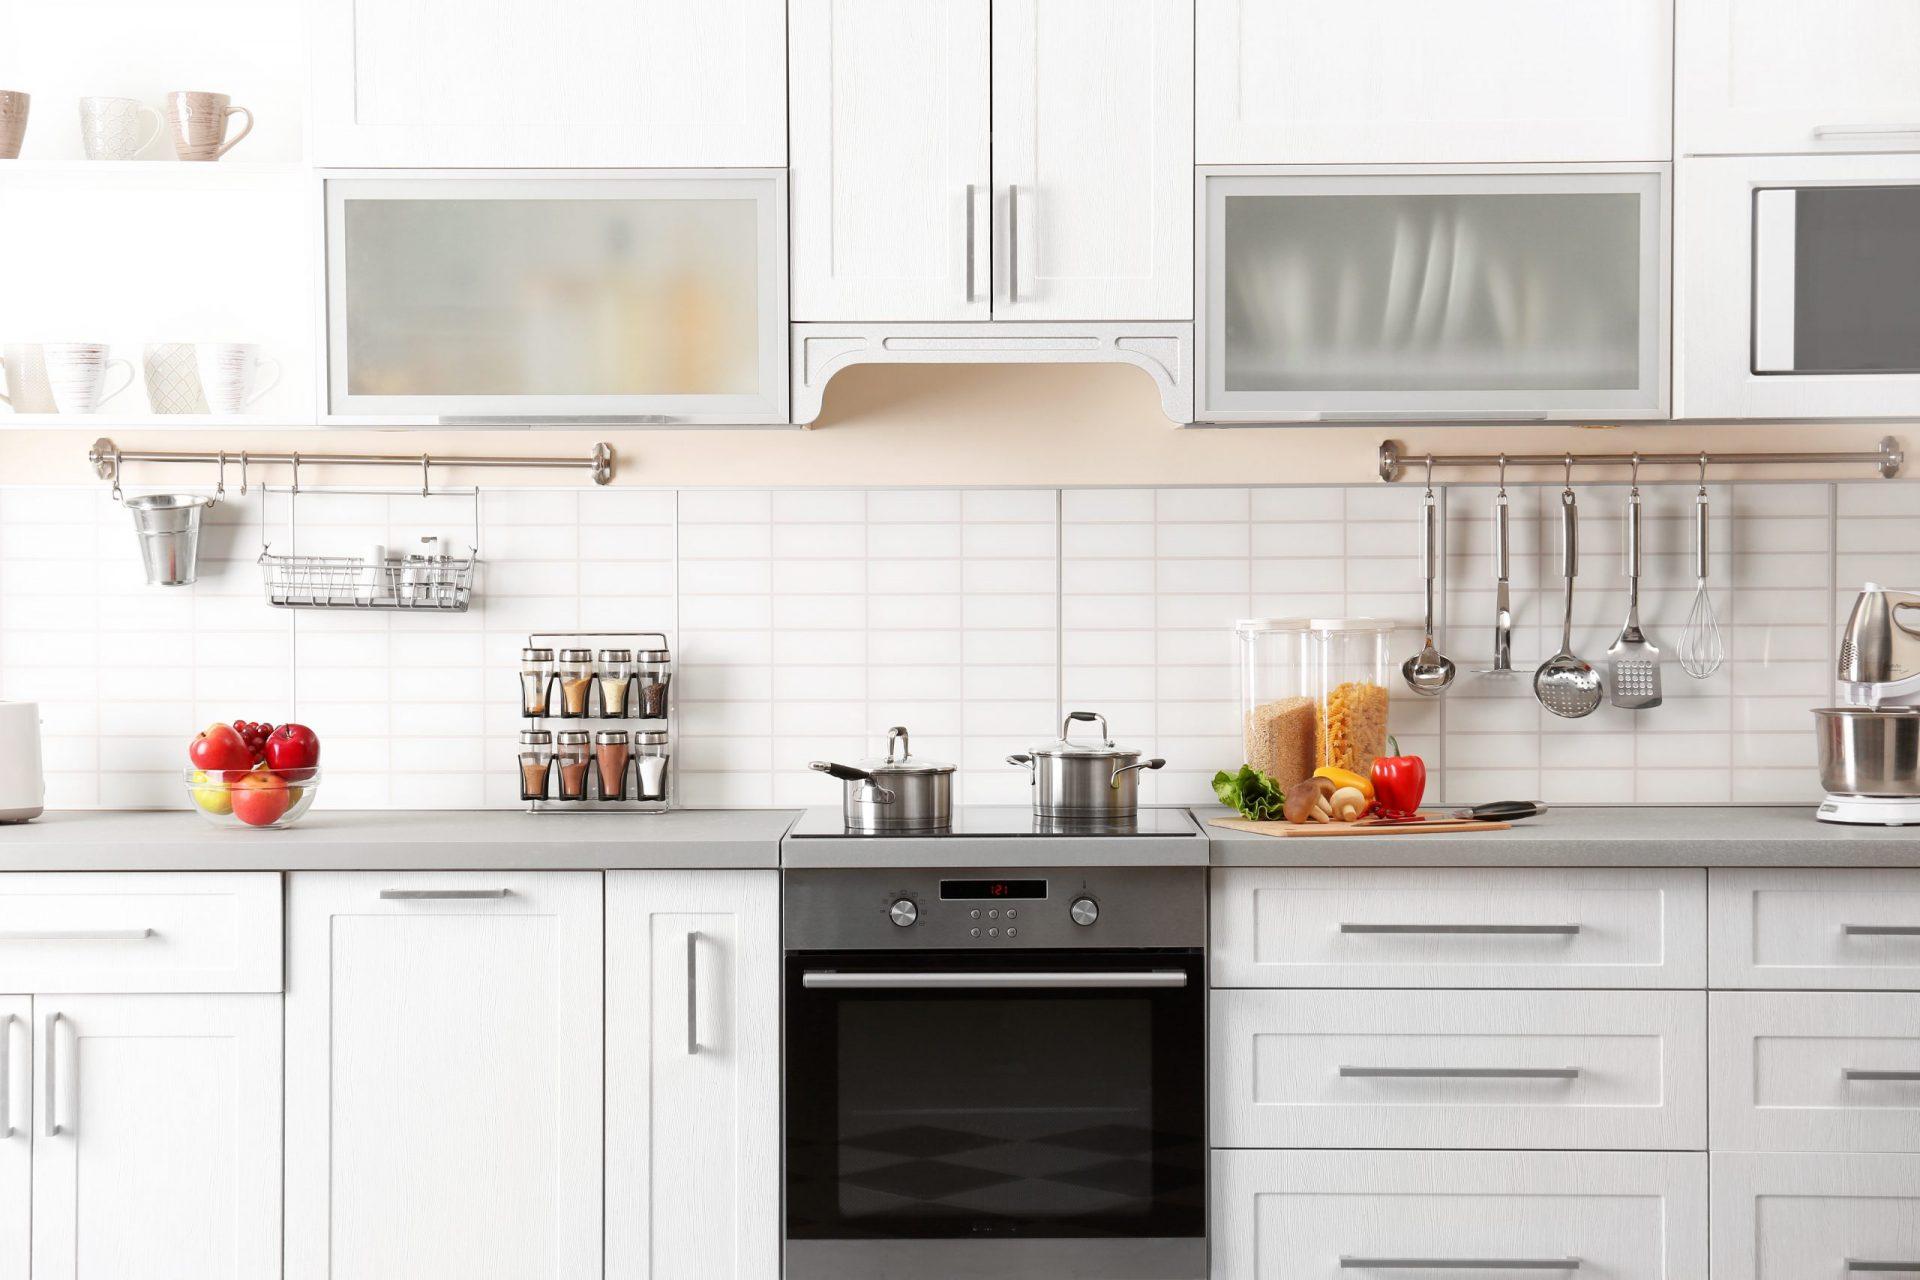 totale keukenrenovatie kosten